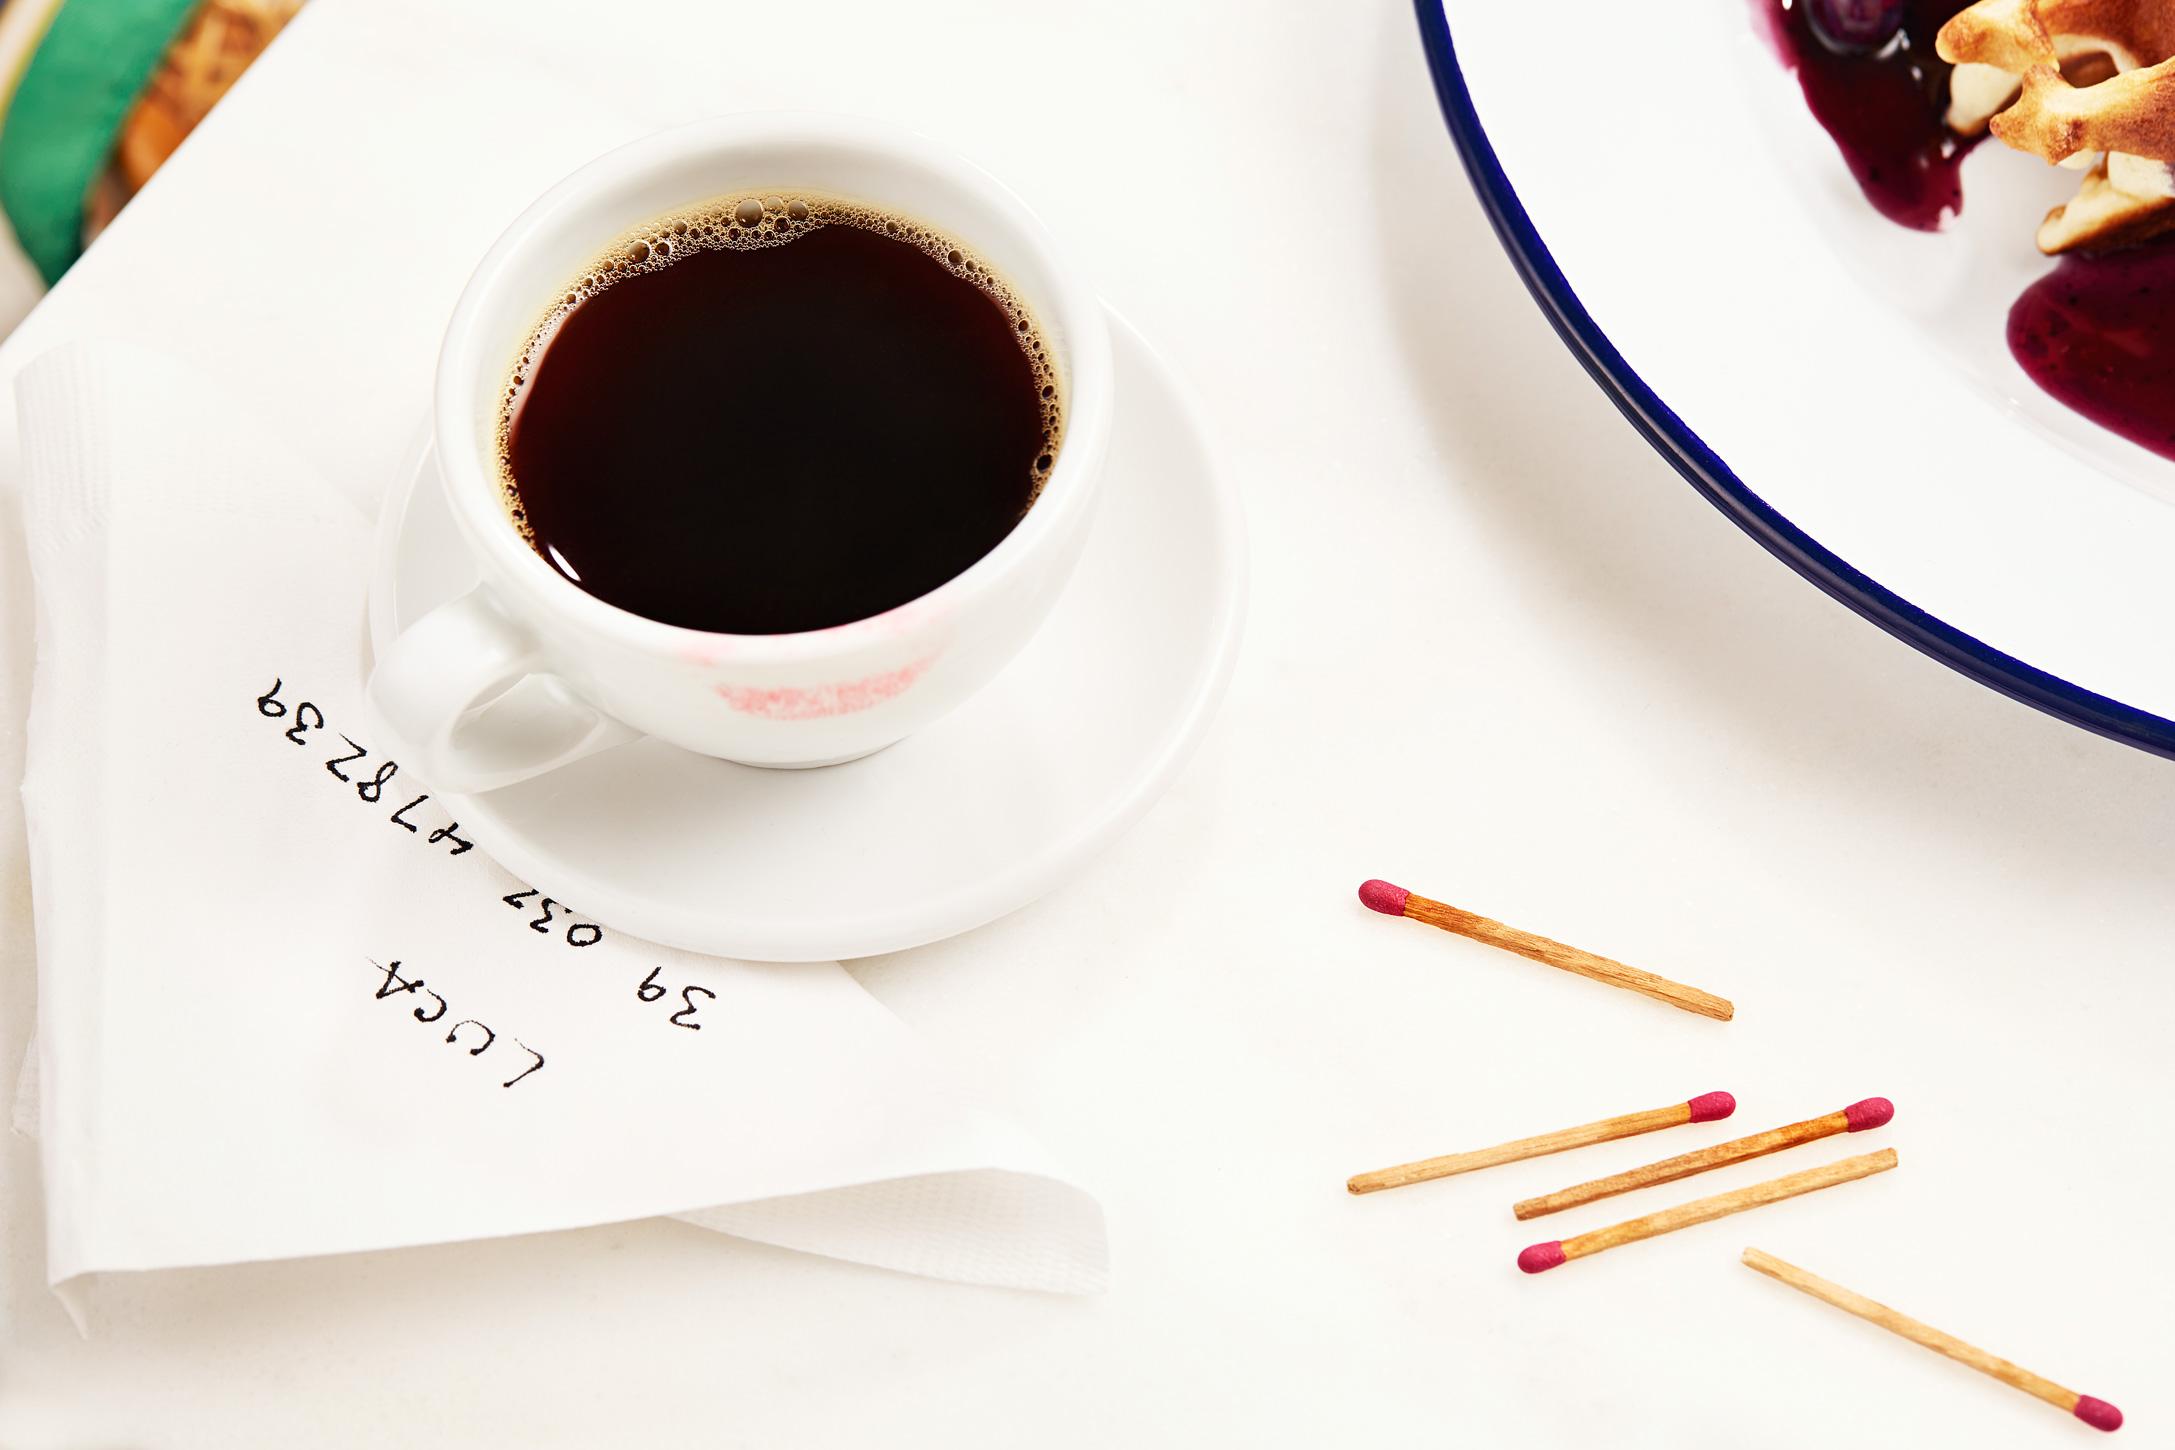 170216-AG-BreakfastTest18023.jpg